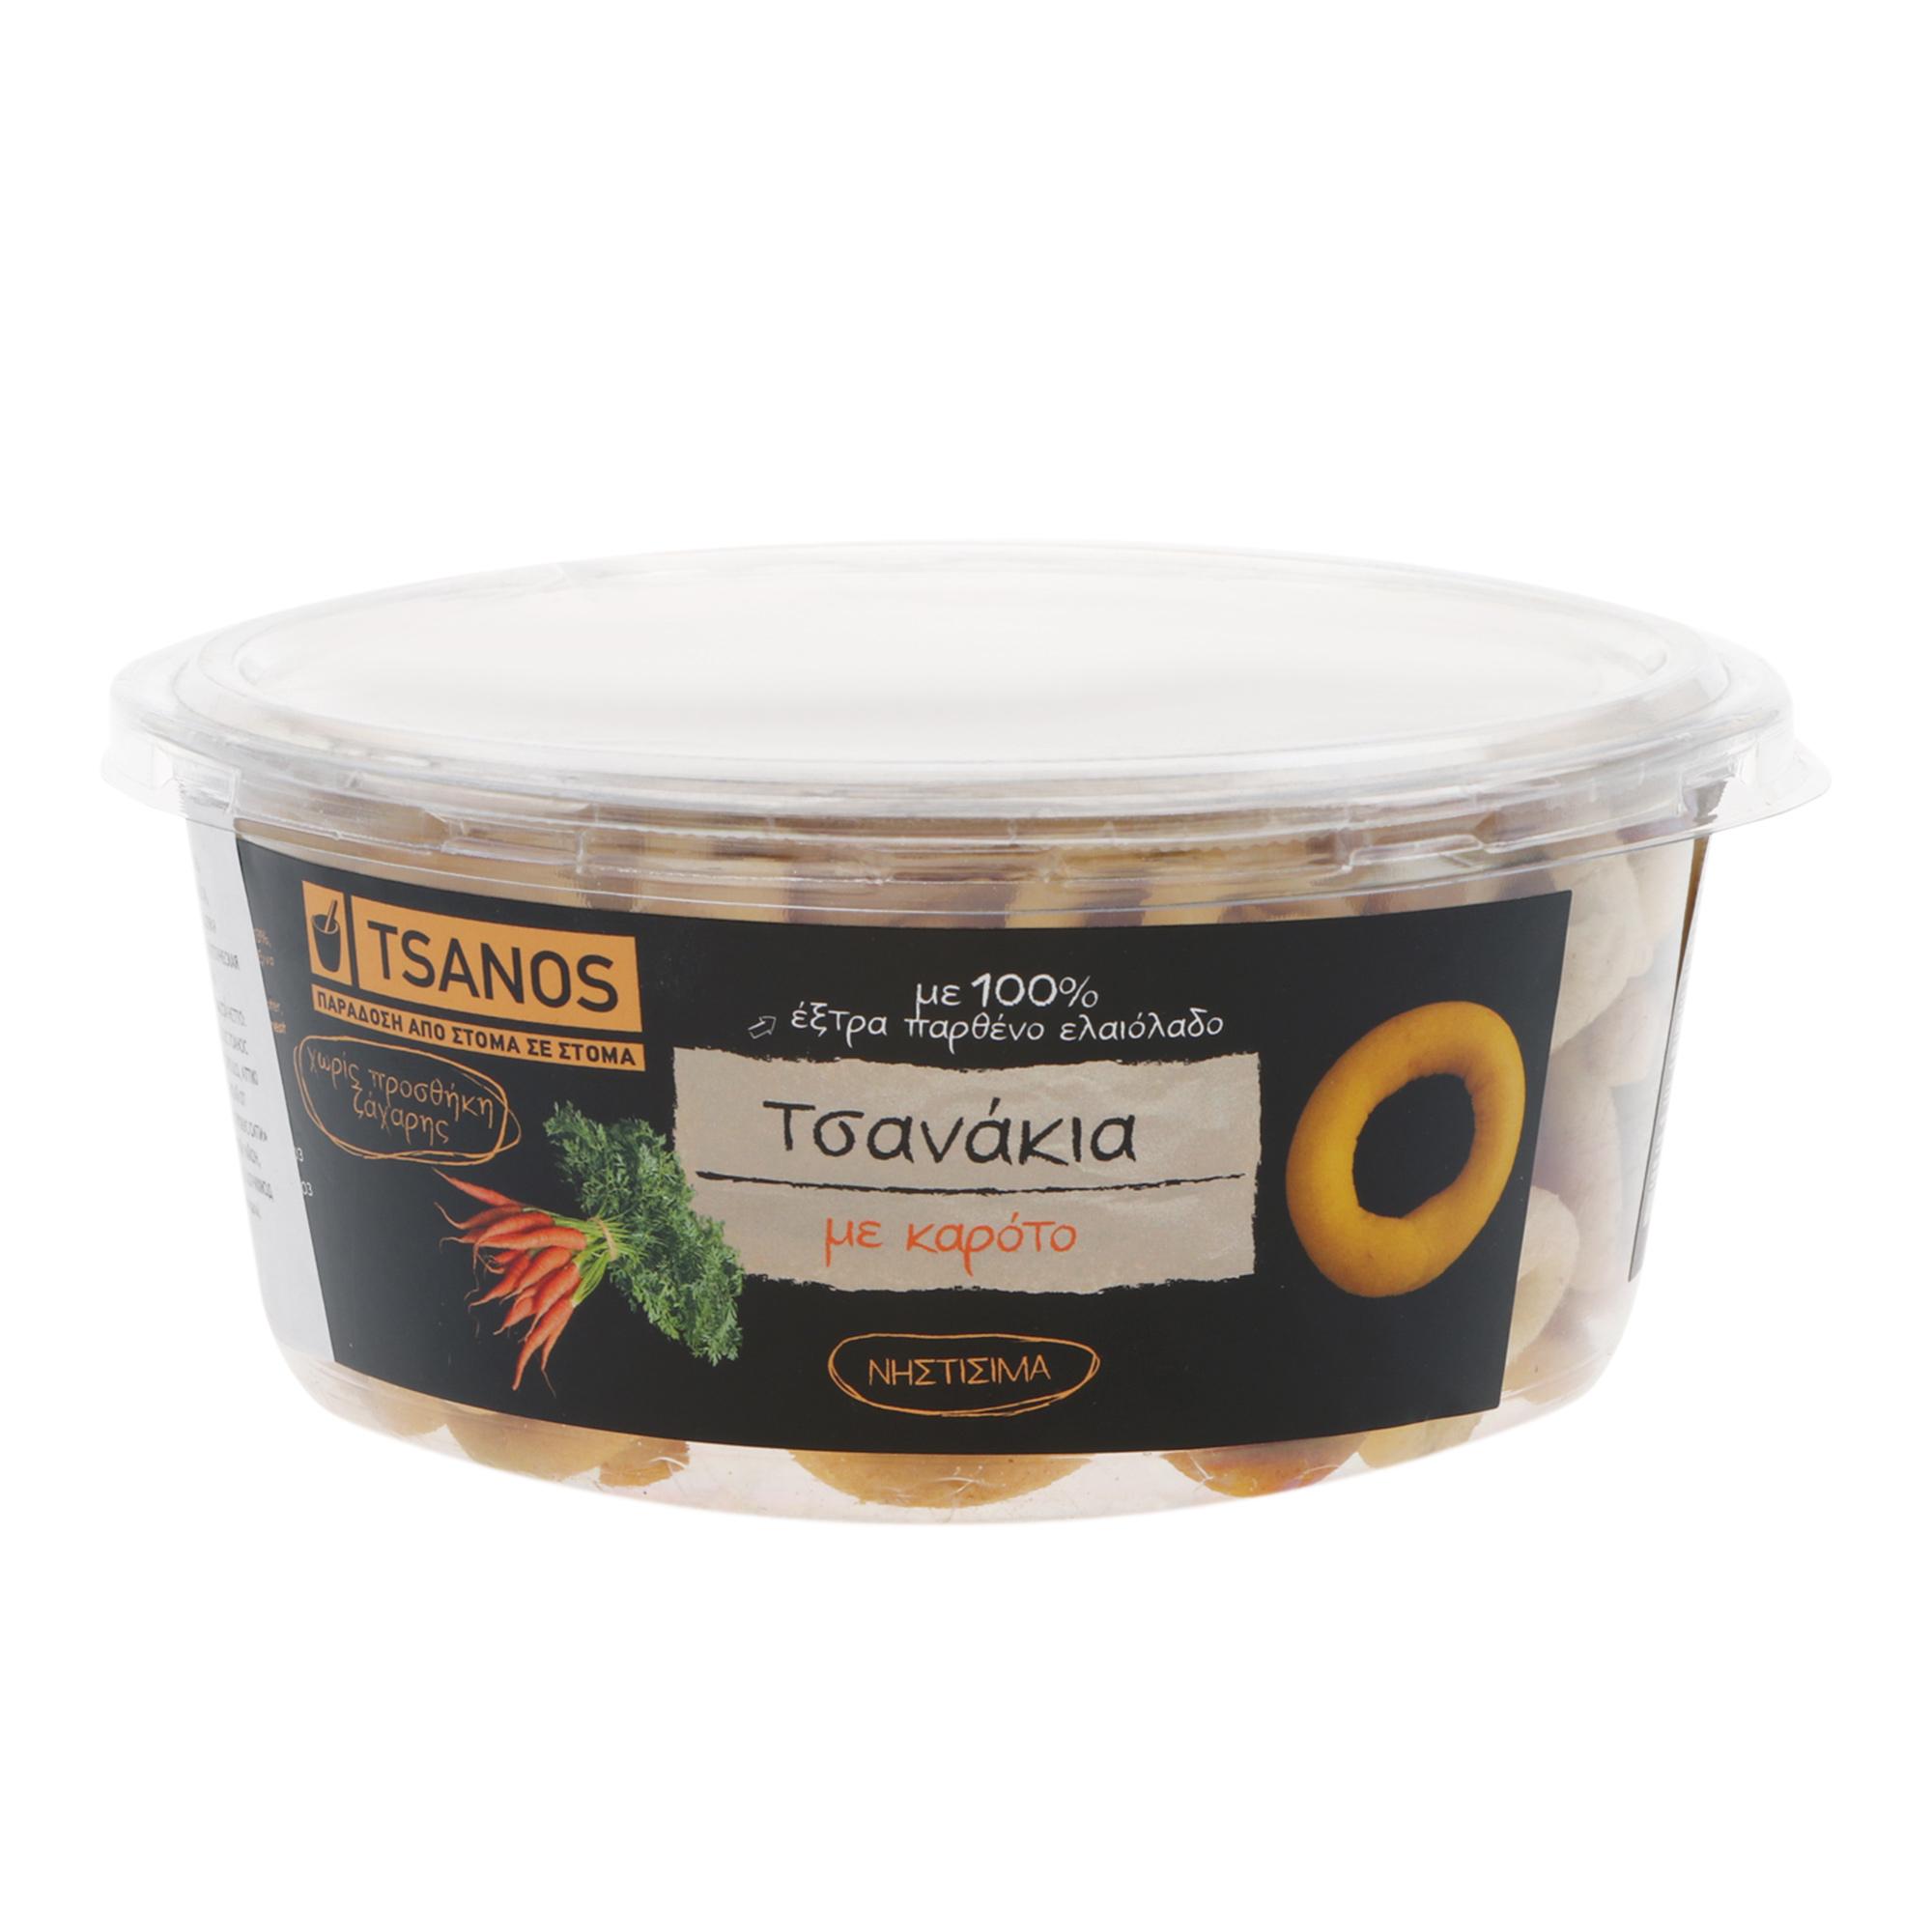 Фото - Хлебные колечки Tsanos мини с морковью 240 г хлебные колечки tsanos мультизерновые 70 г